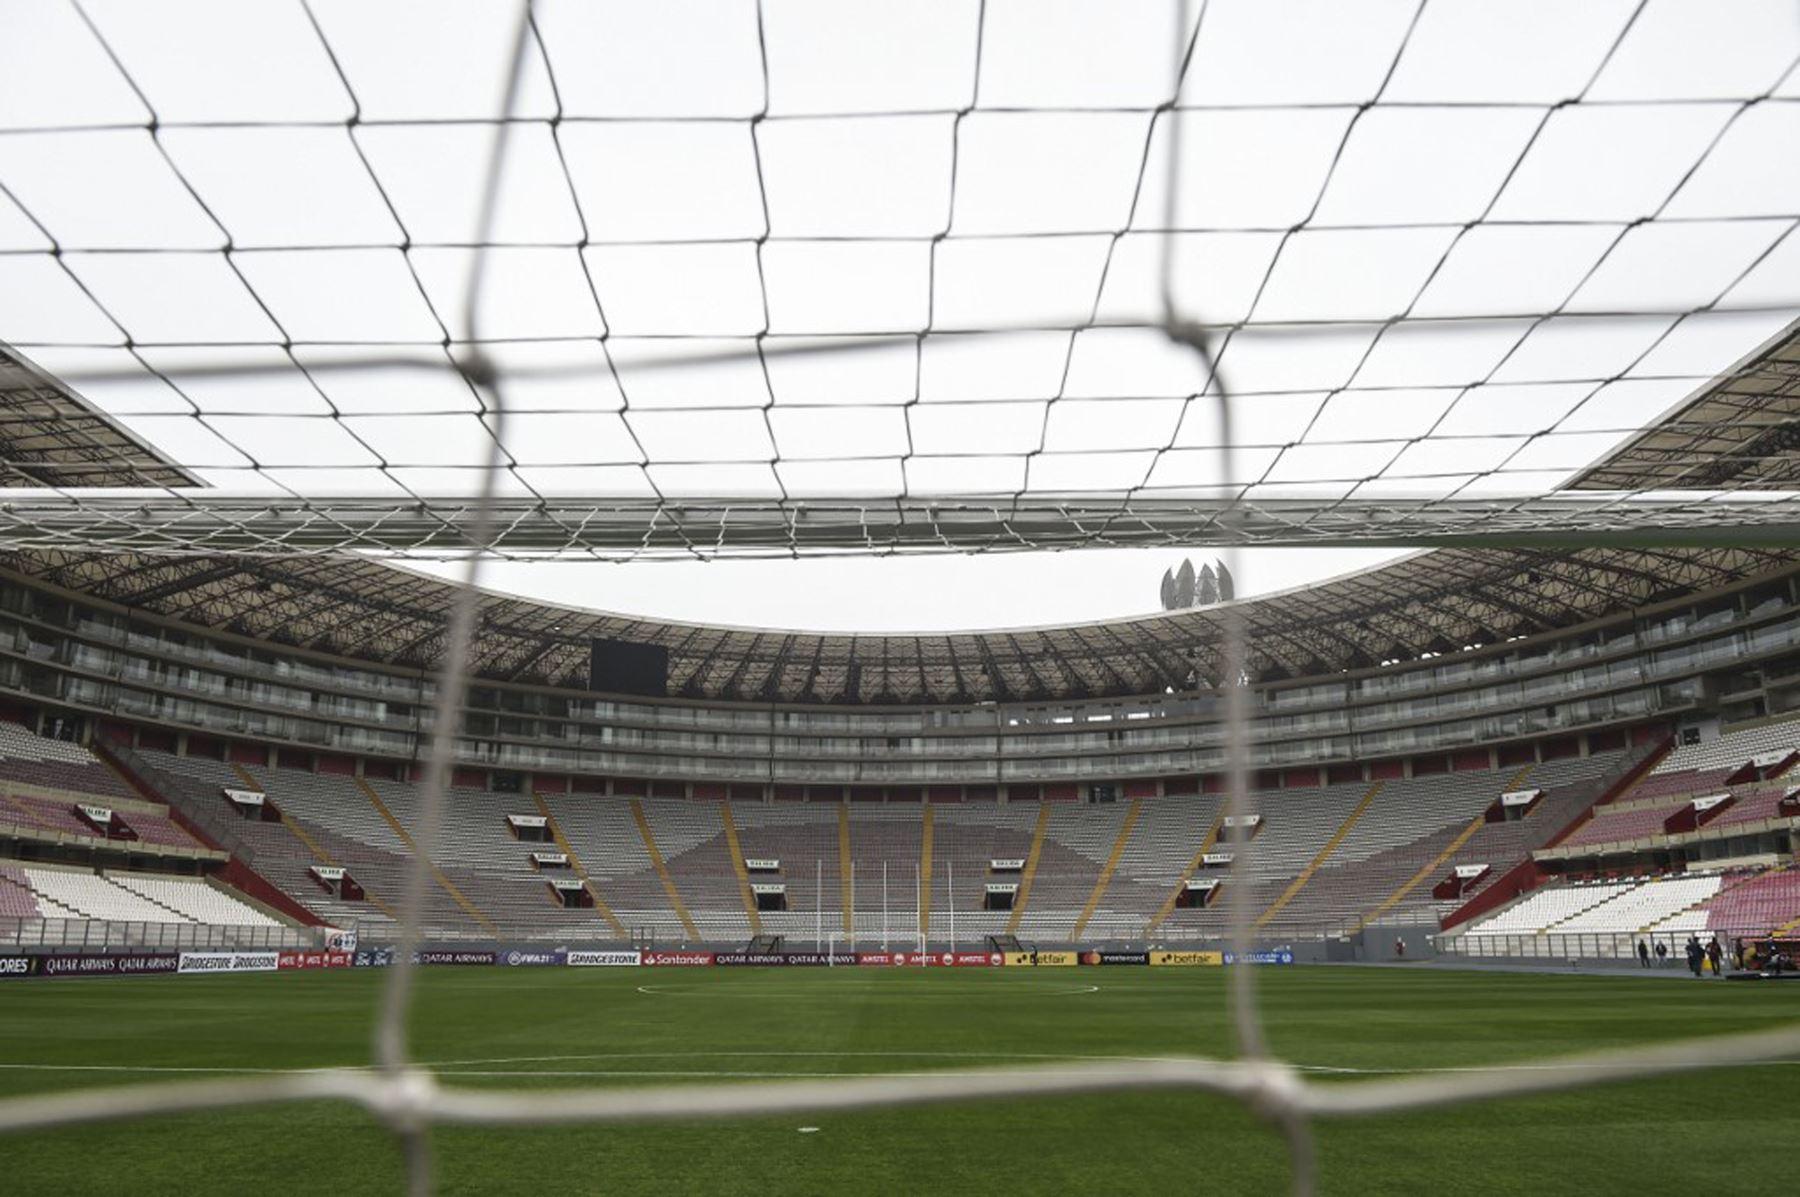 Vista general del Estadio Nacional de Lima antes del partido de fútbol a puertas cerradas entre la Binacional y la Liga Ecuatoriana. Foto: AFP